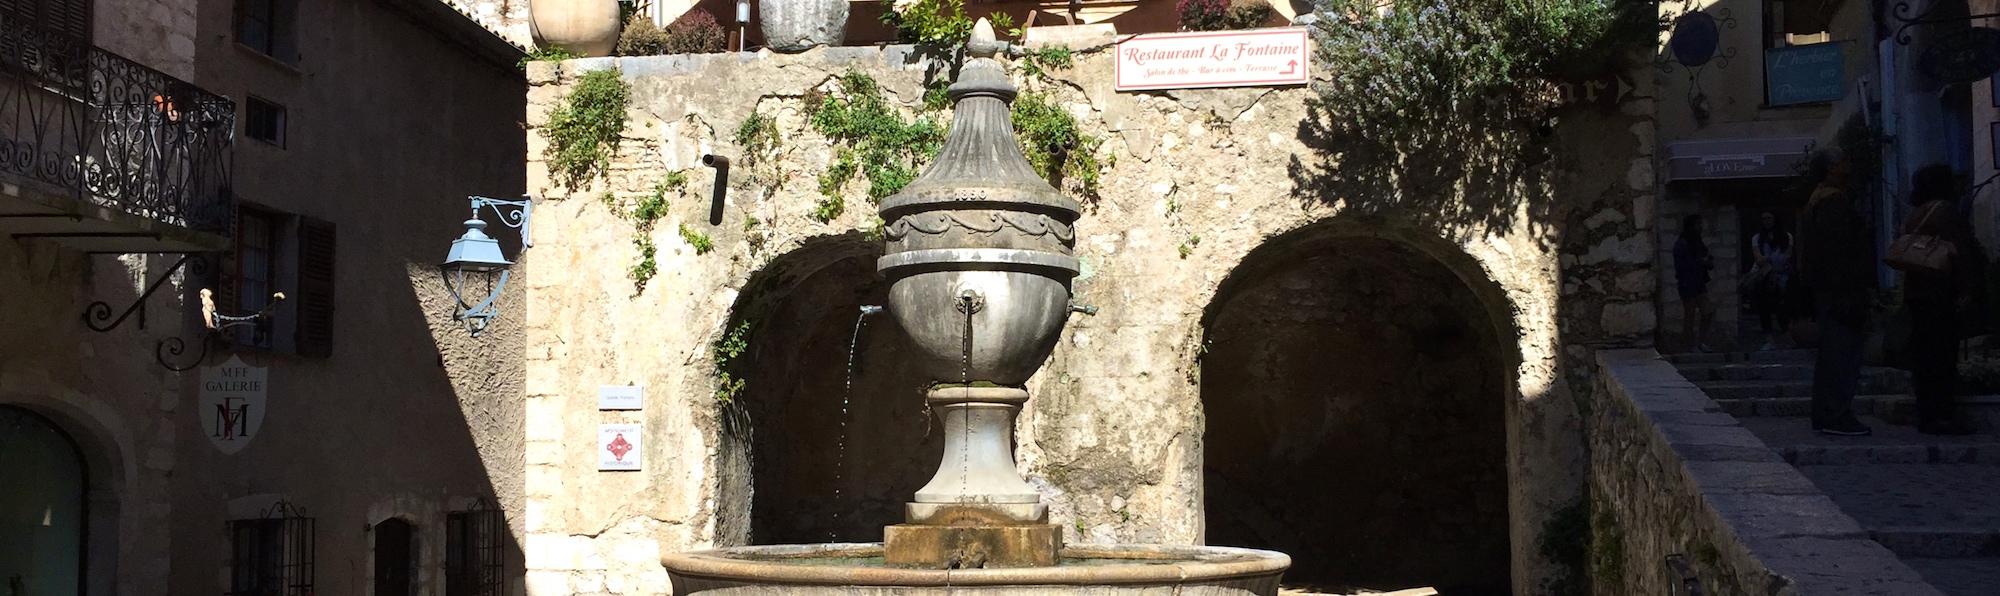 Place la Grande Fontaine, Saint Paul